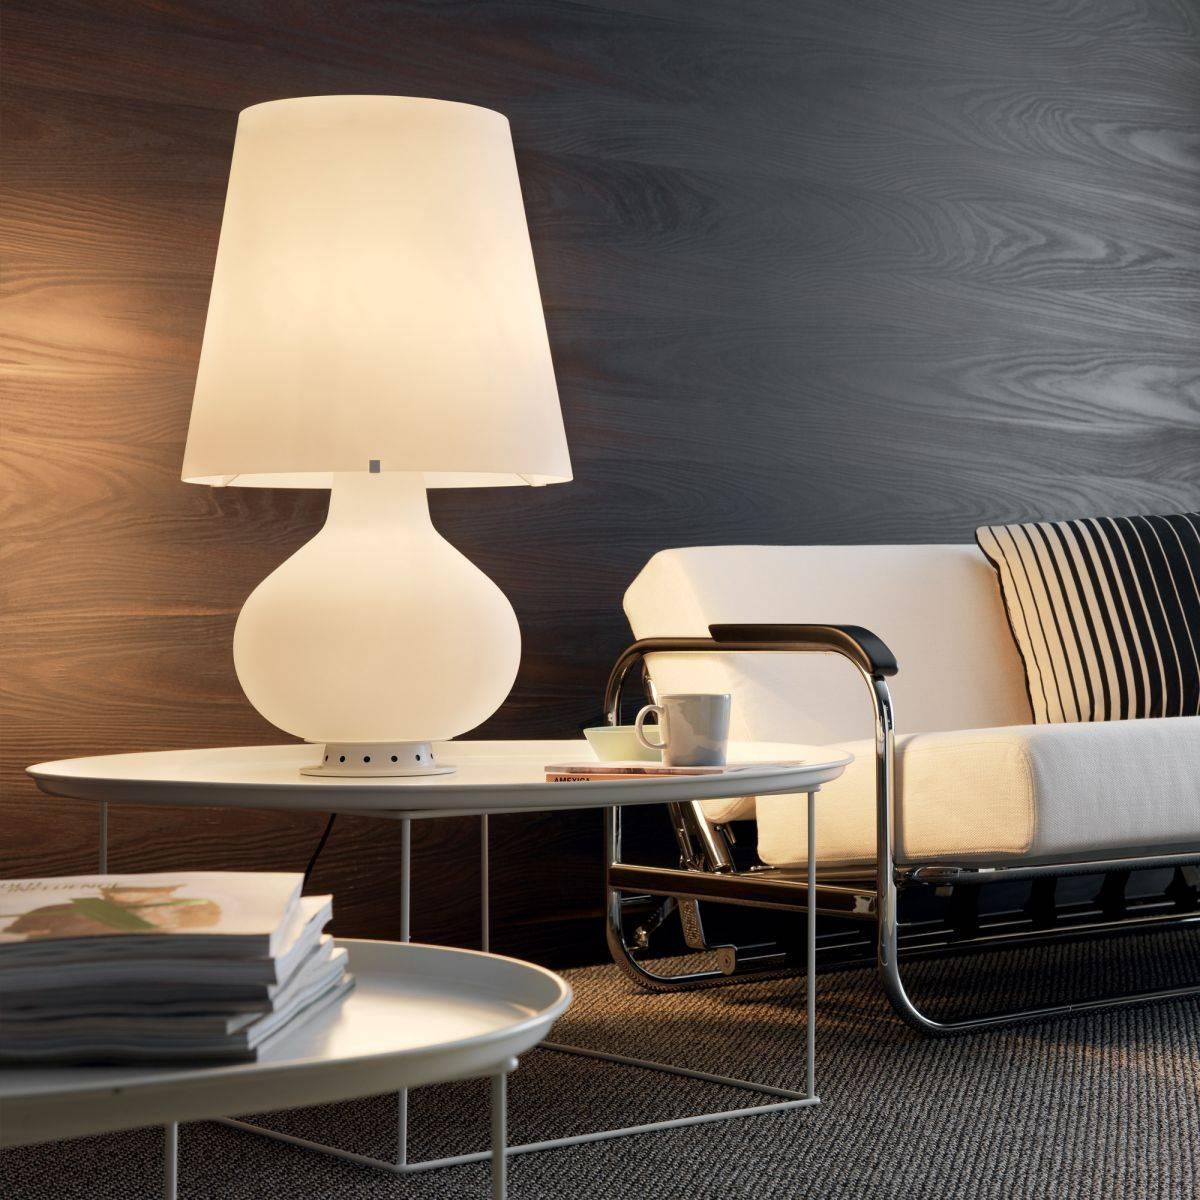 Illuminazione di design vendita promozionale FontanaArte